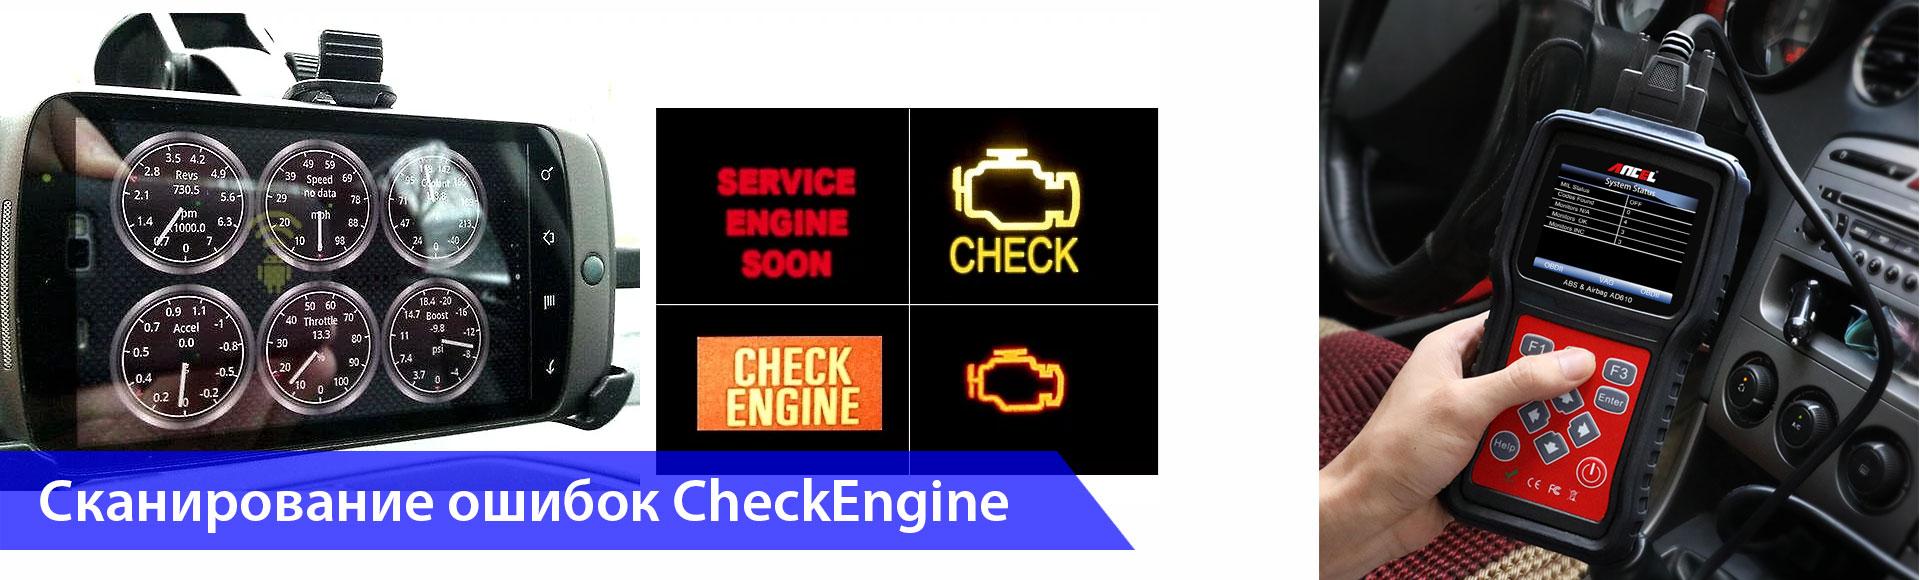 сканирование ошибок авто